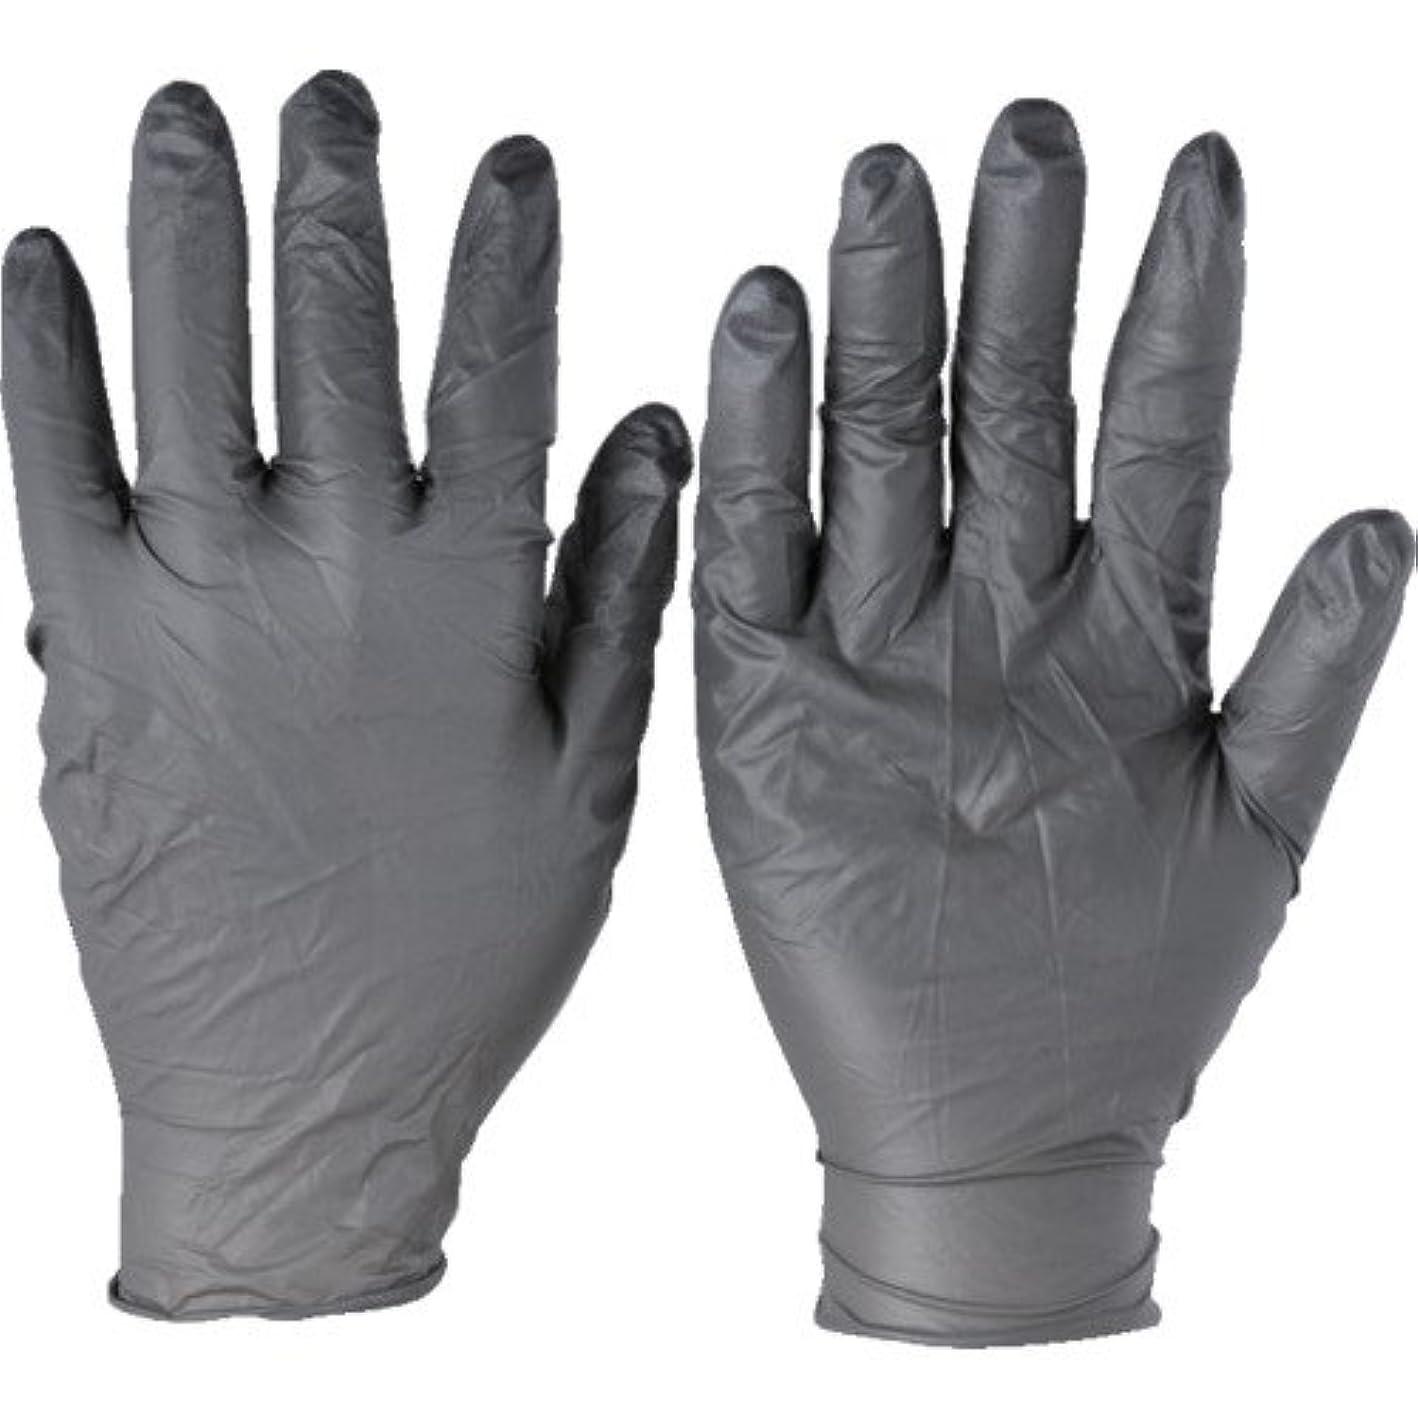 適度に試みる入植者トラスコ中山 アンセル ニトリルゴム使い捨て手袋 タッチエヌタフ 粉無 Mサイズ 100枚入 932508